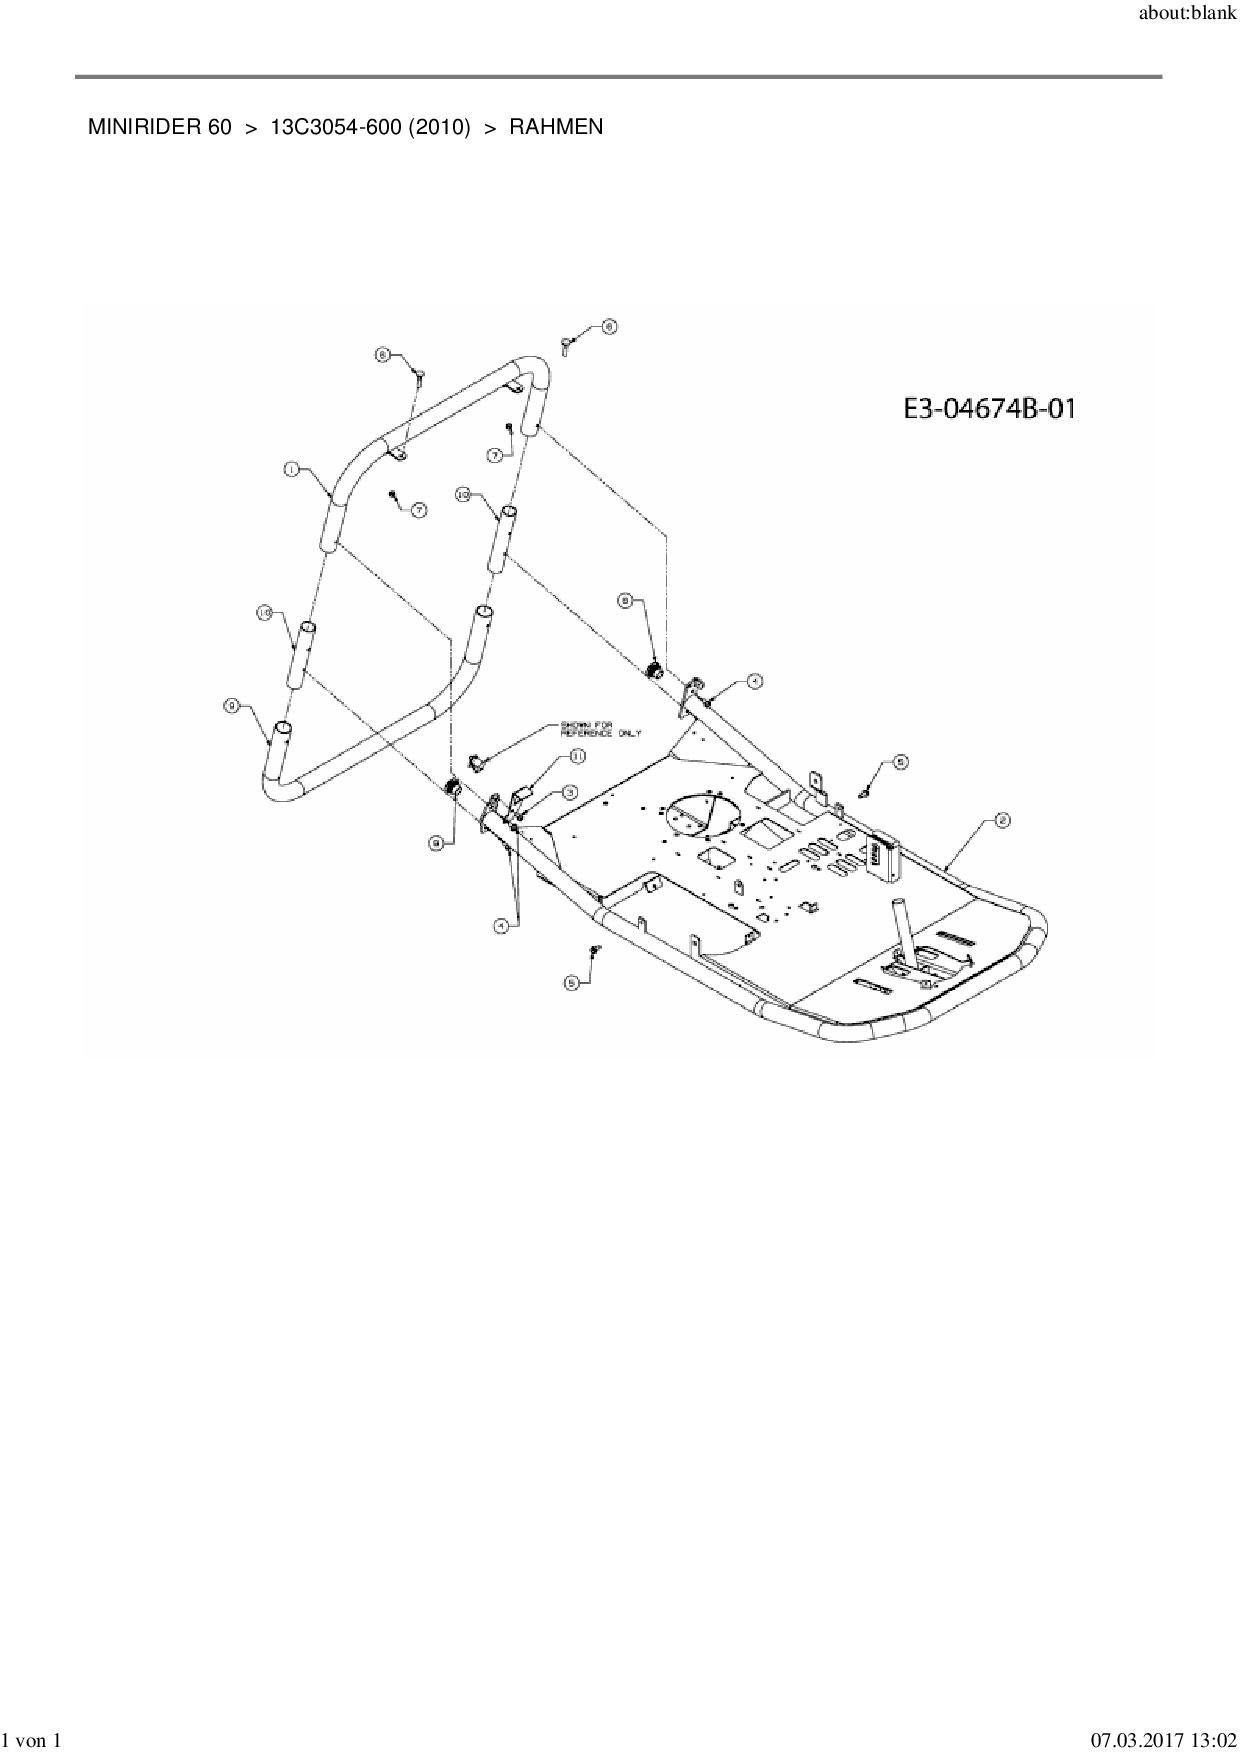 Ersatzteile von MTD Rasentraktor Minirider 60 aus der Zeichnung Rahme